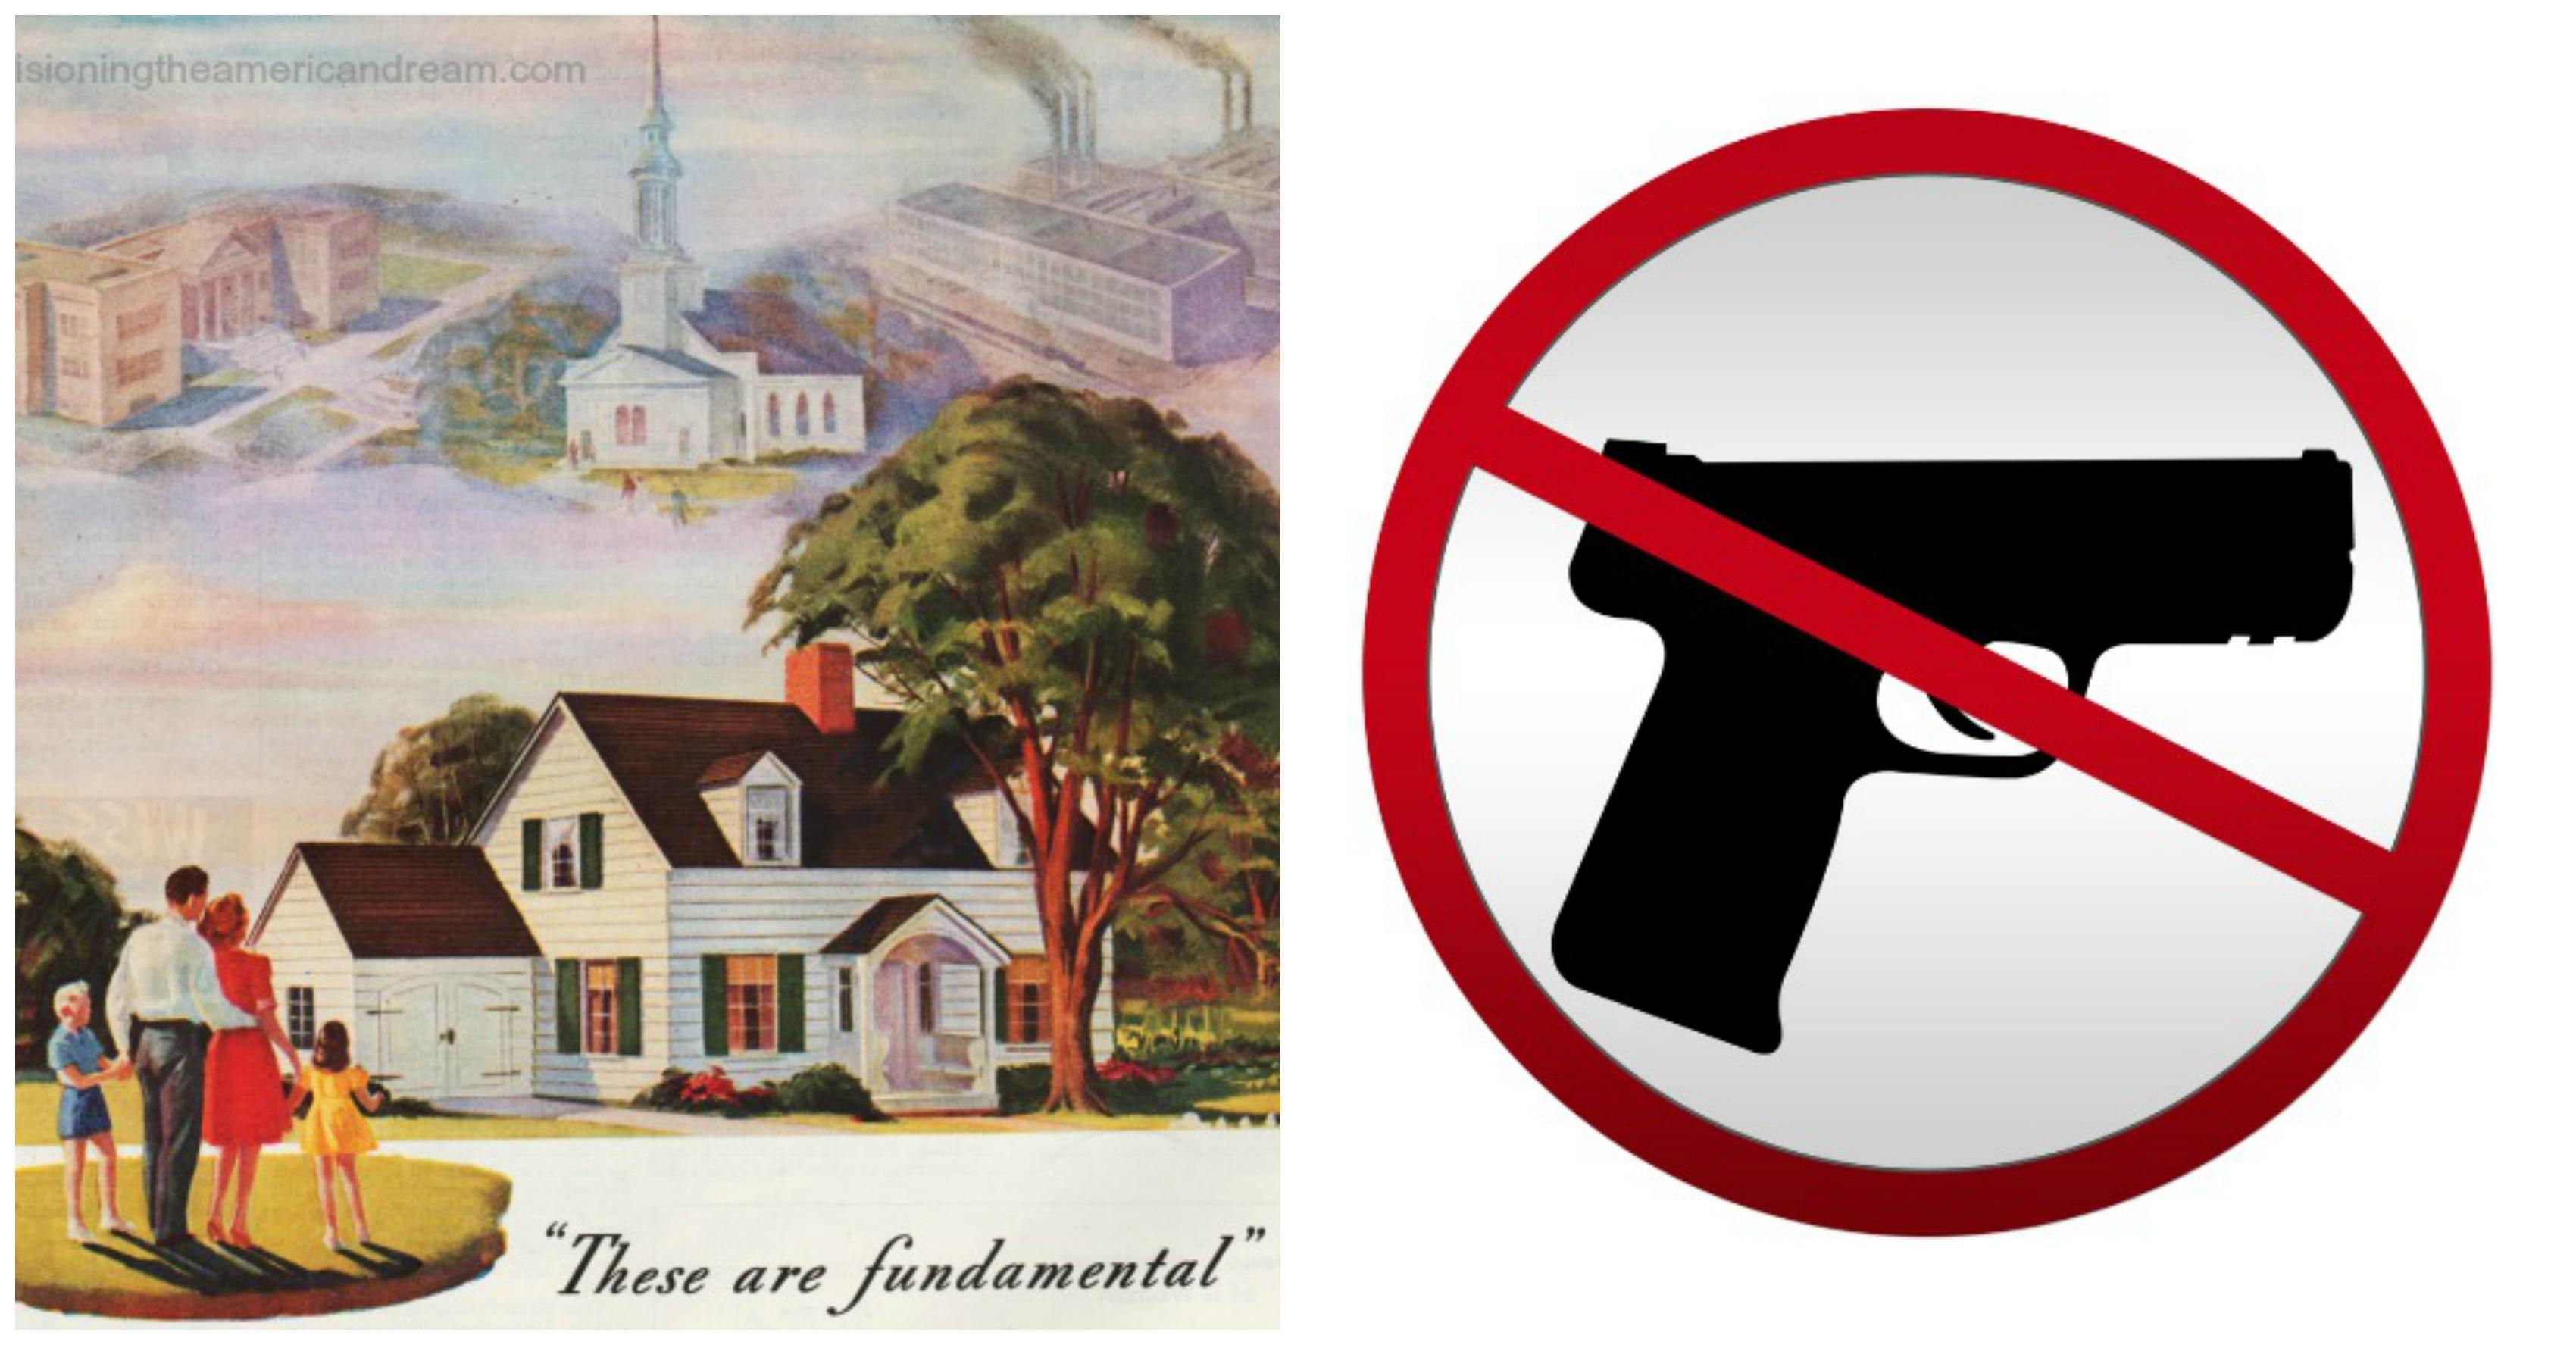 vintage ad and gun control symbol